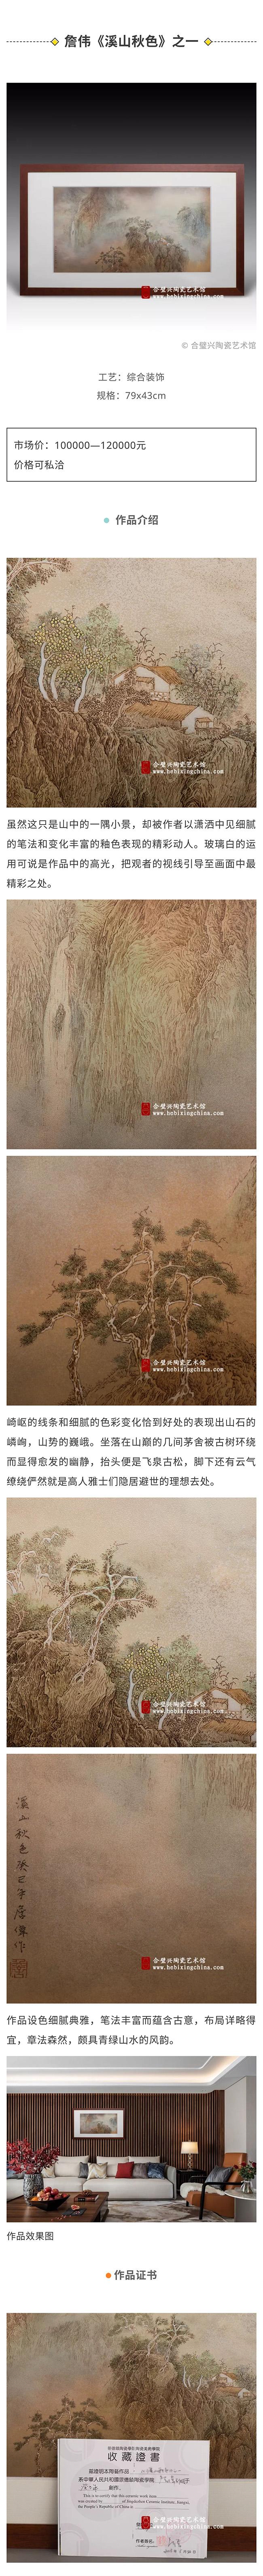 6詹伟 溪山秋色之一 小.jpg